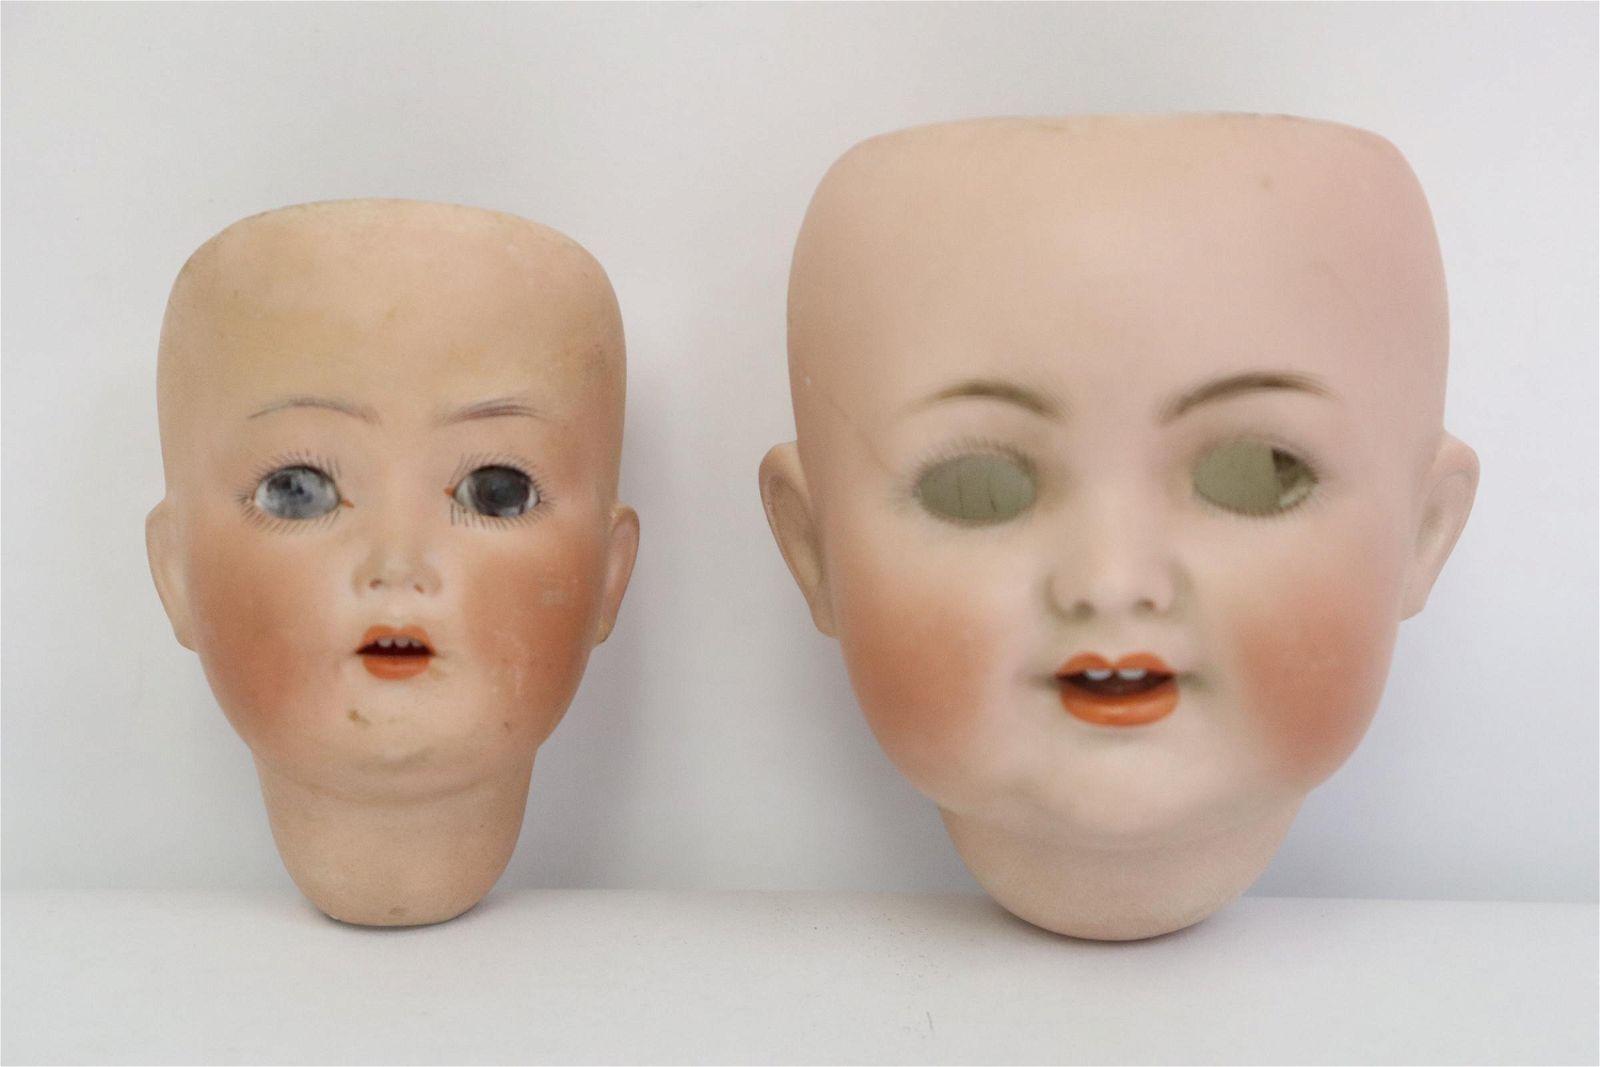 2 German antique bisque doll heads, hairline